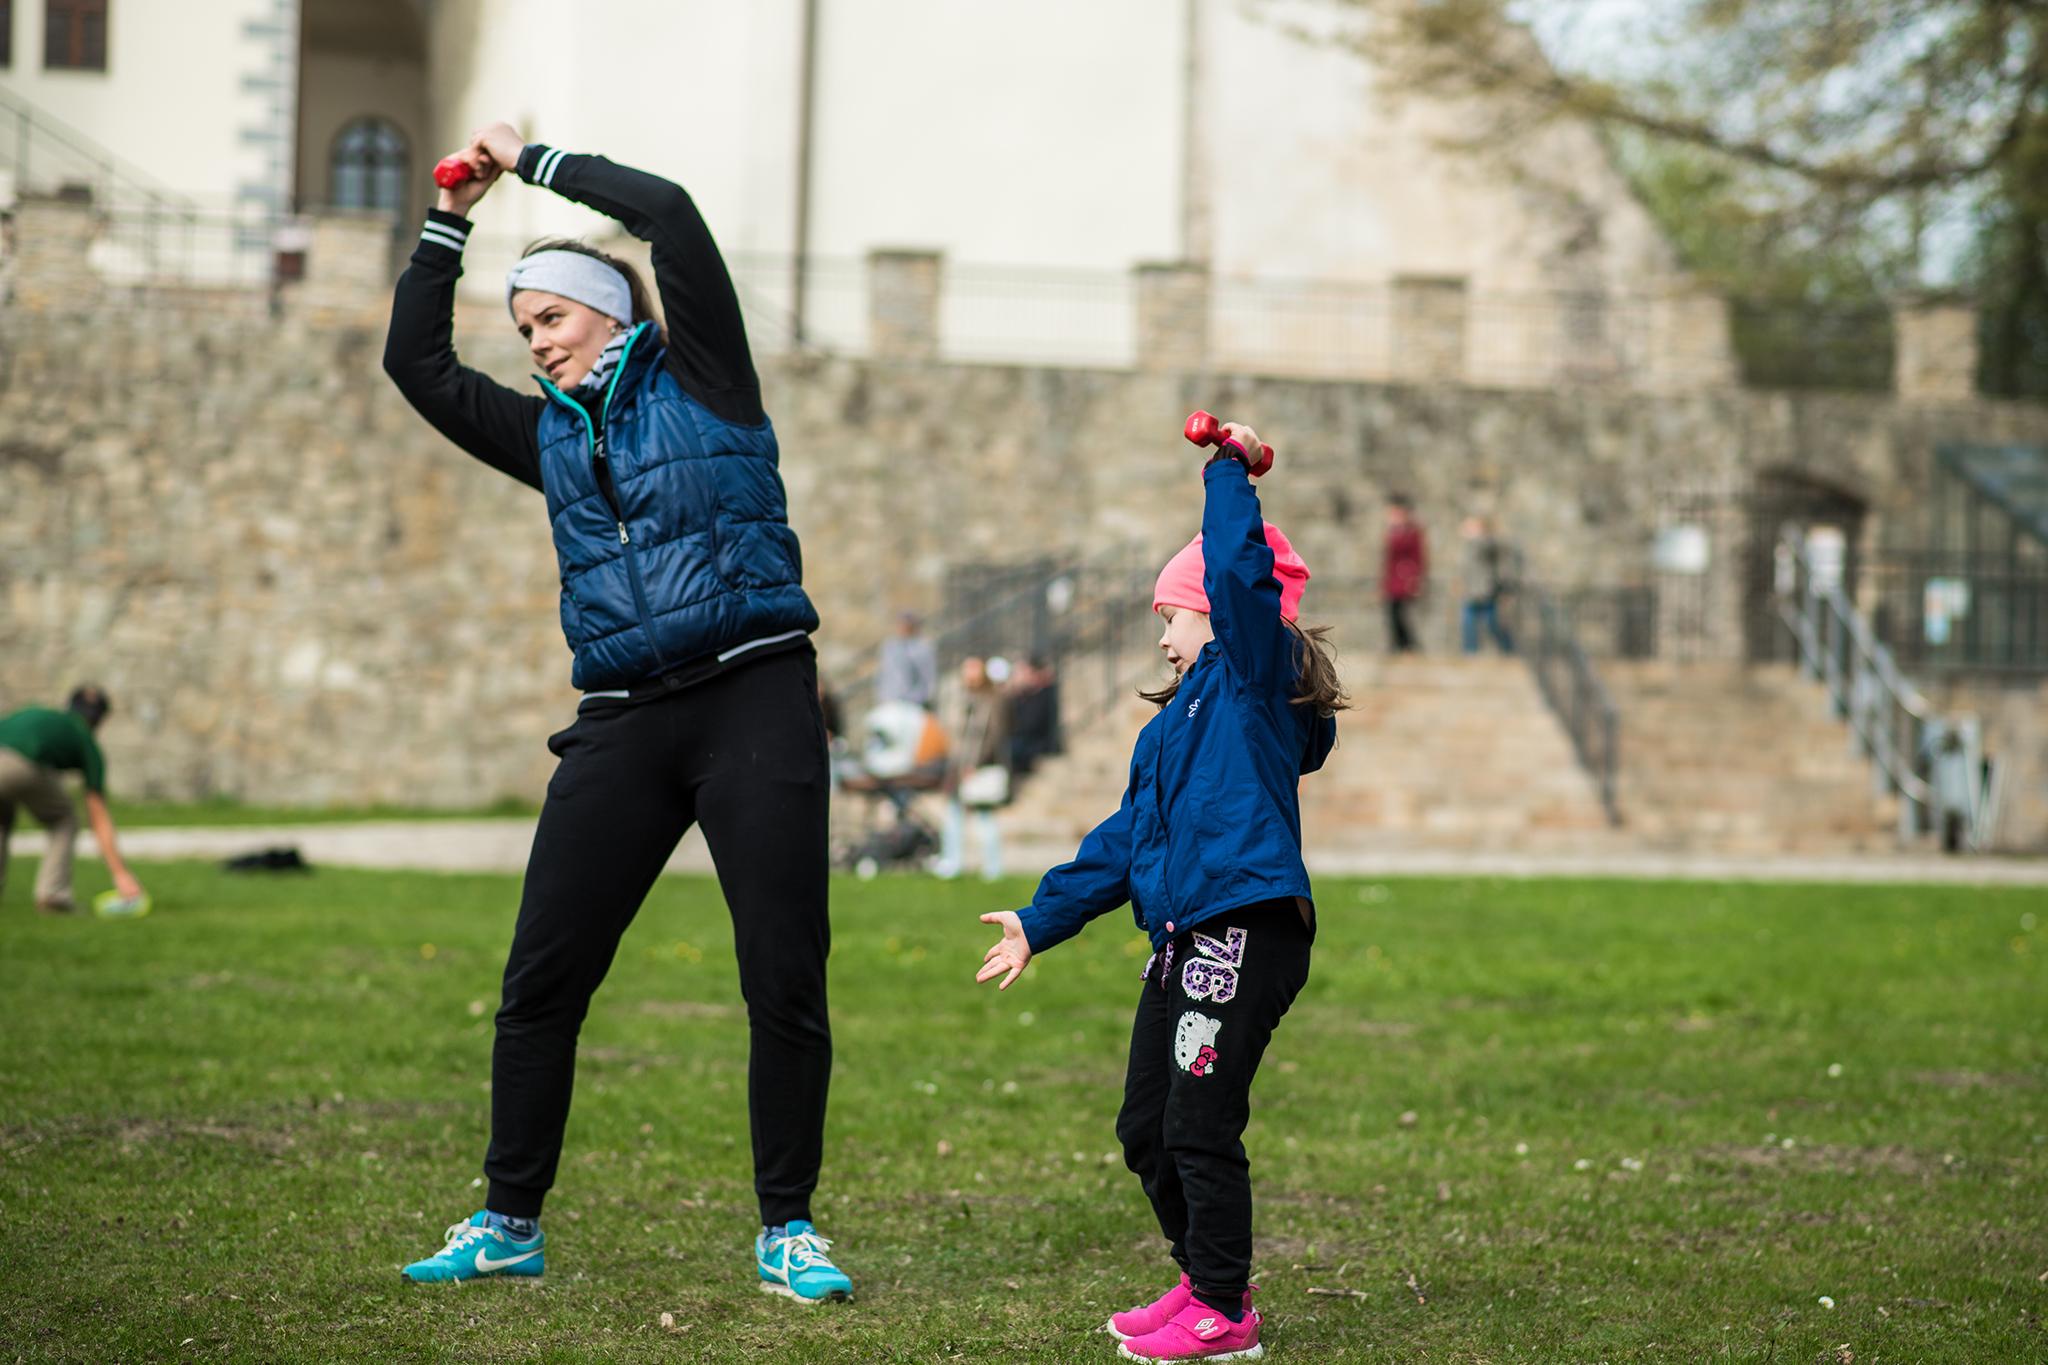 Fit mama rande. Športovo-rekreačné podujatie pre mamičky s deťmi zožalo veľký úspech